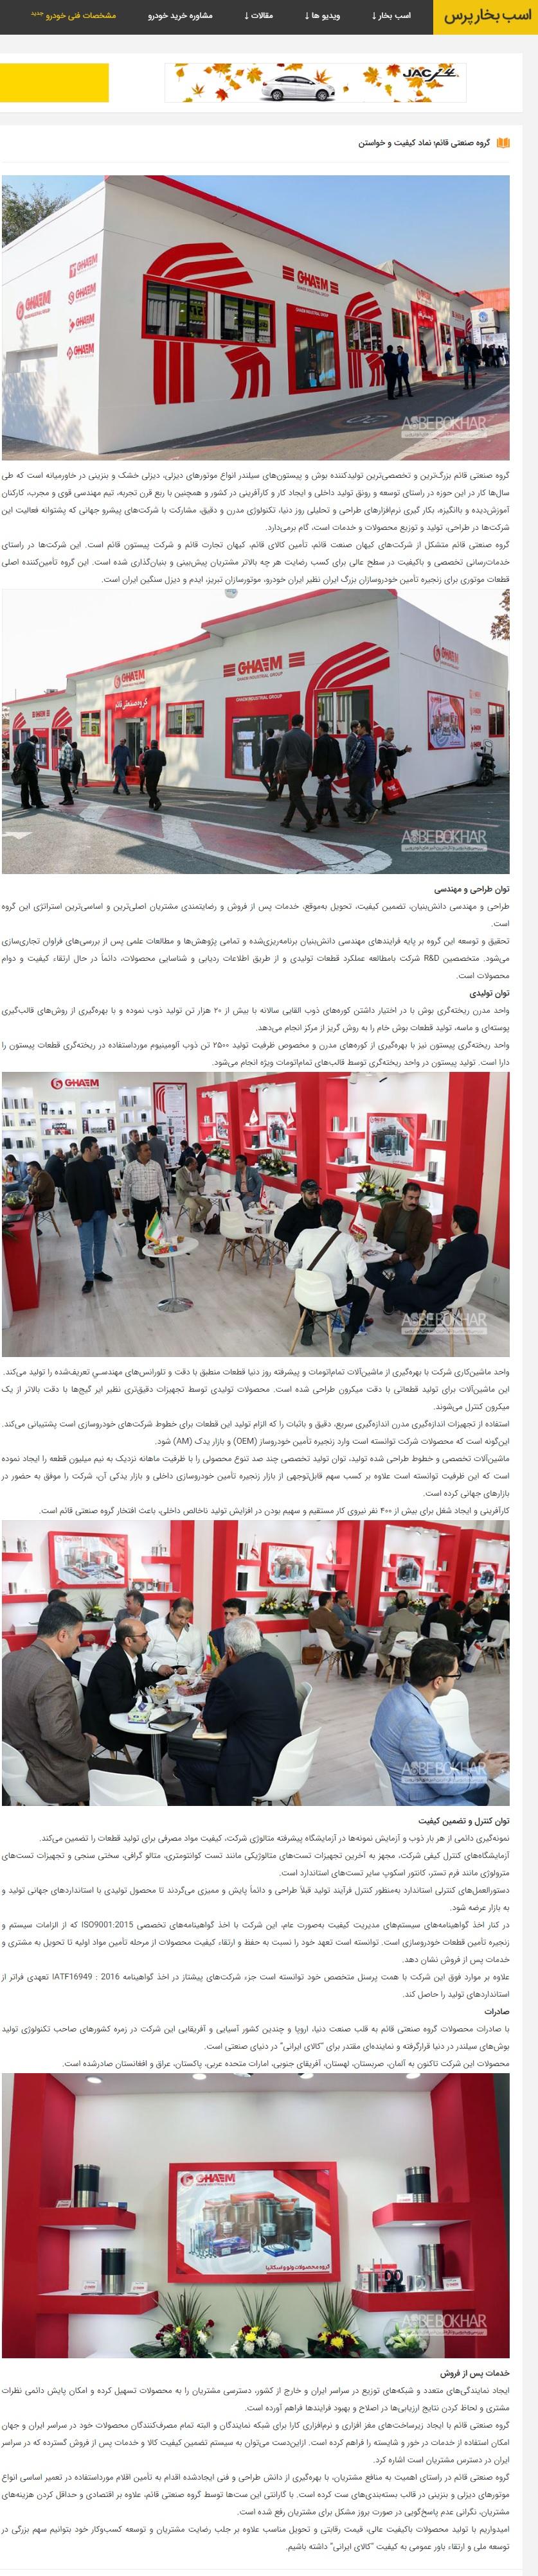 غرفه گروه صنعتی قائم در نمایشگاه قطعات تهران